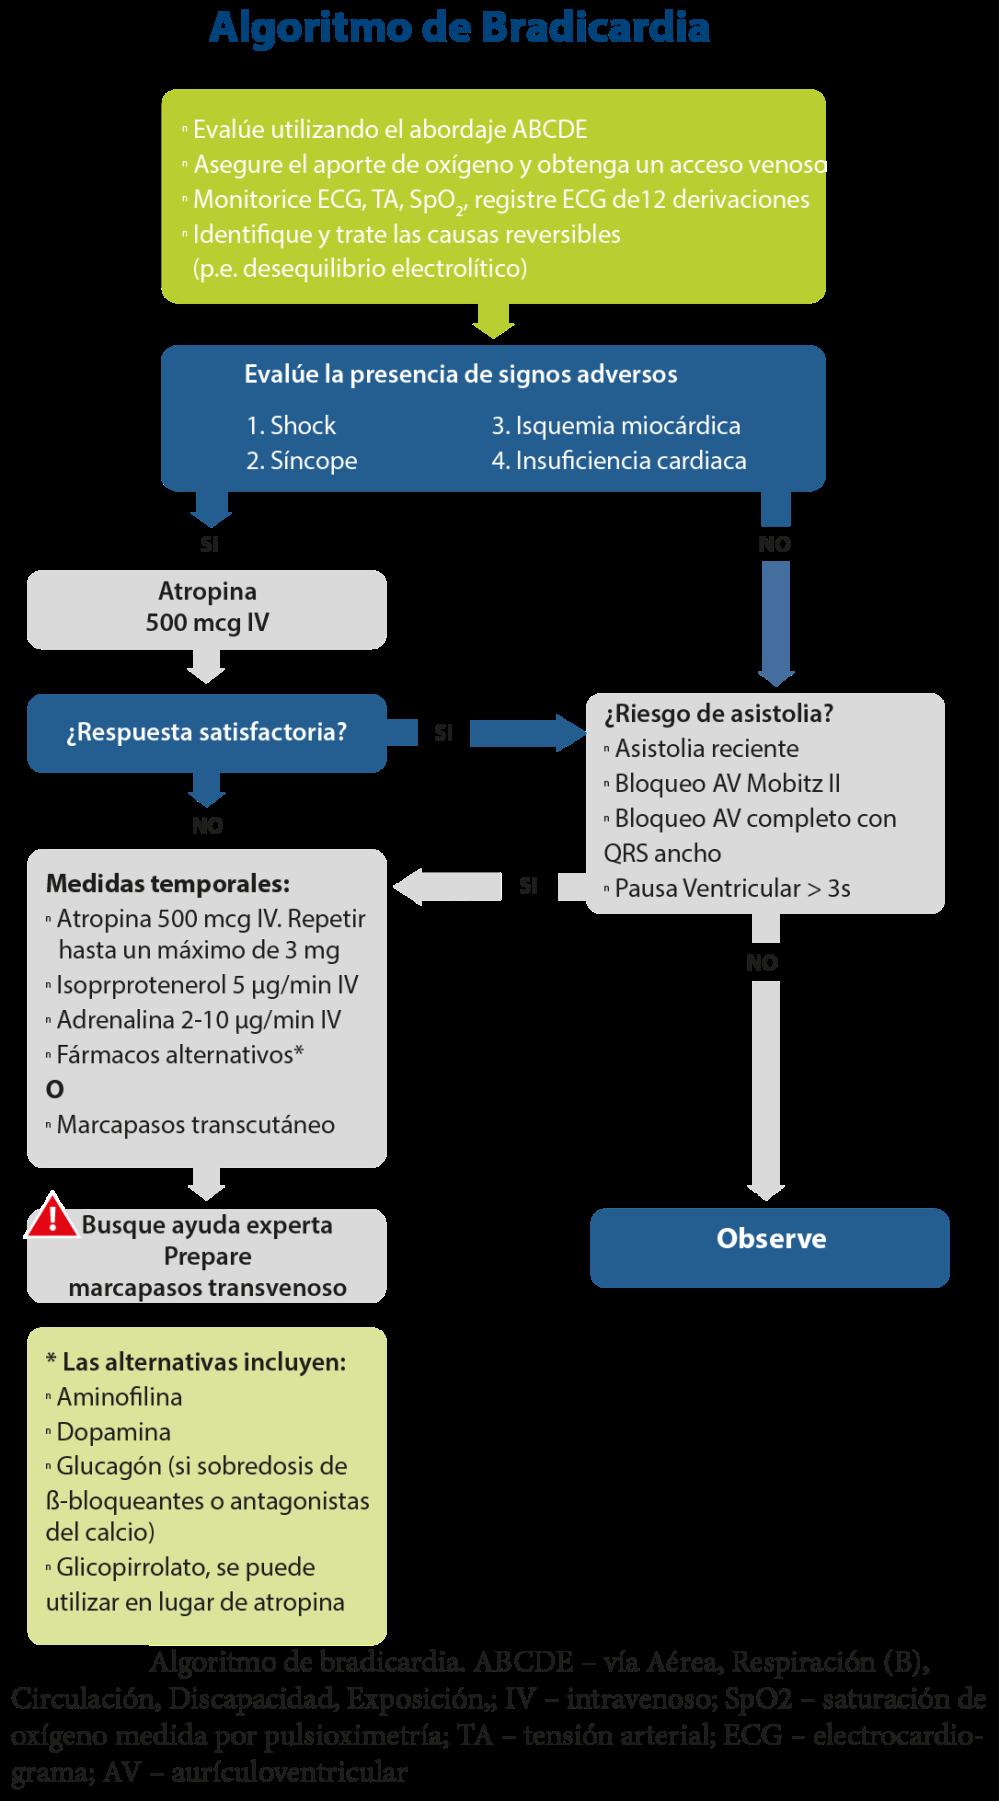 FIGURA-5-Algoritmo-de-tratamiento-de-la-Bradicardia-ILCOR-2015